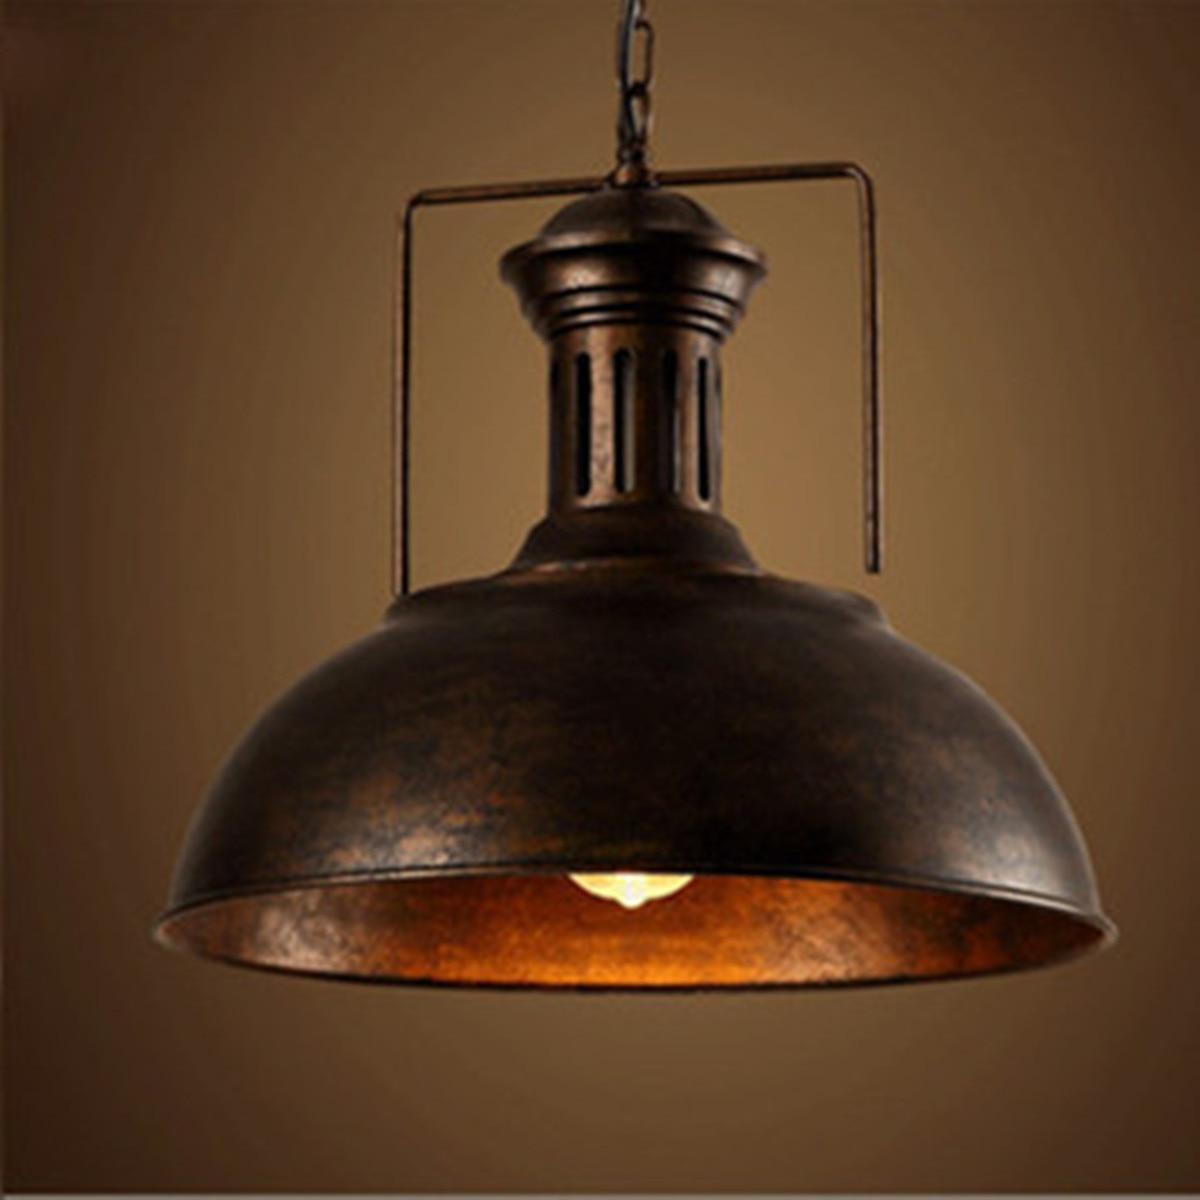 Vintage nordique noir industriel pendentif lumière E27 support luminaire suspendu fer abat-jour lustre maison Loft Bar comptoir grenier